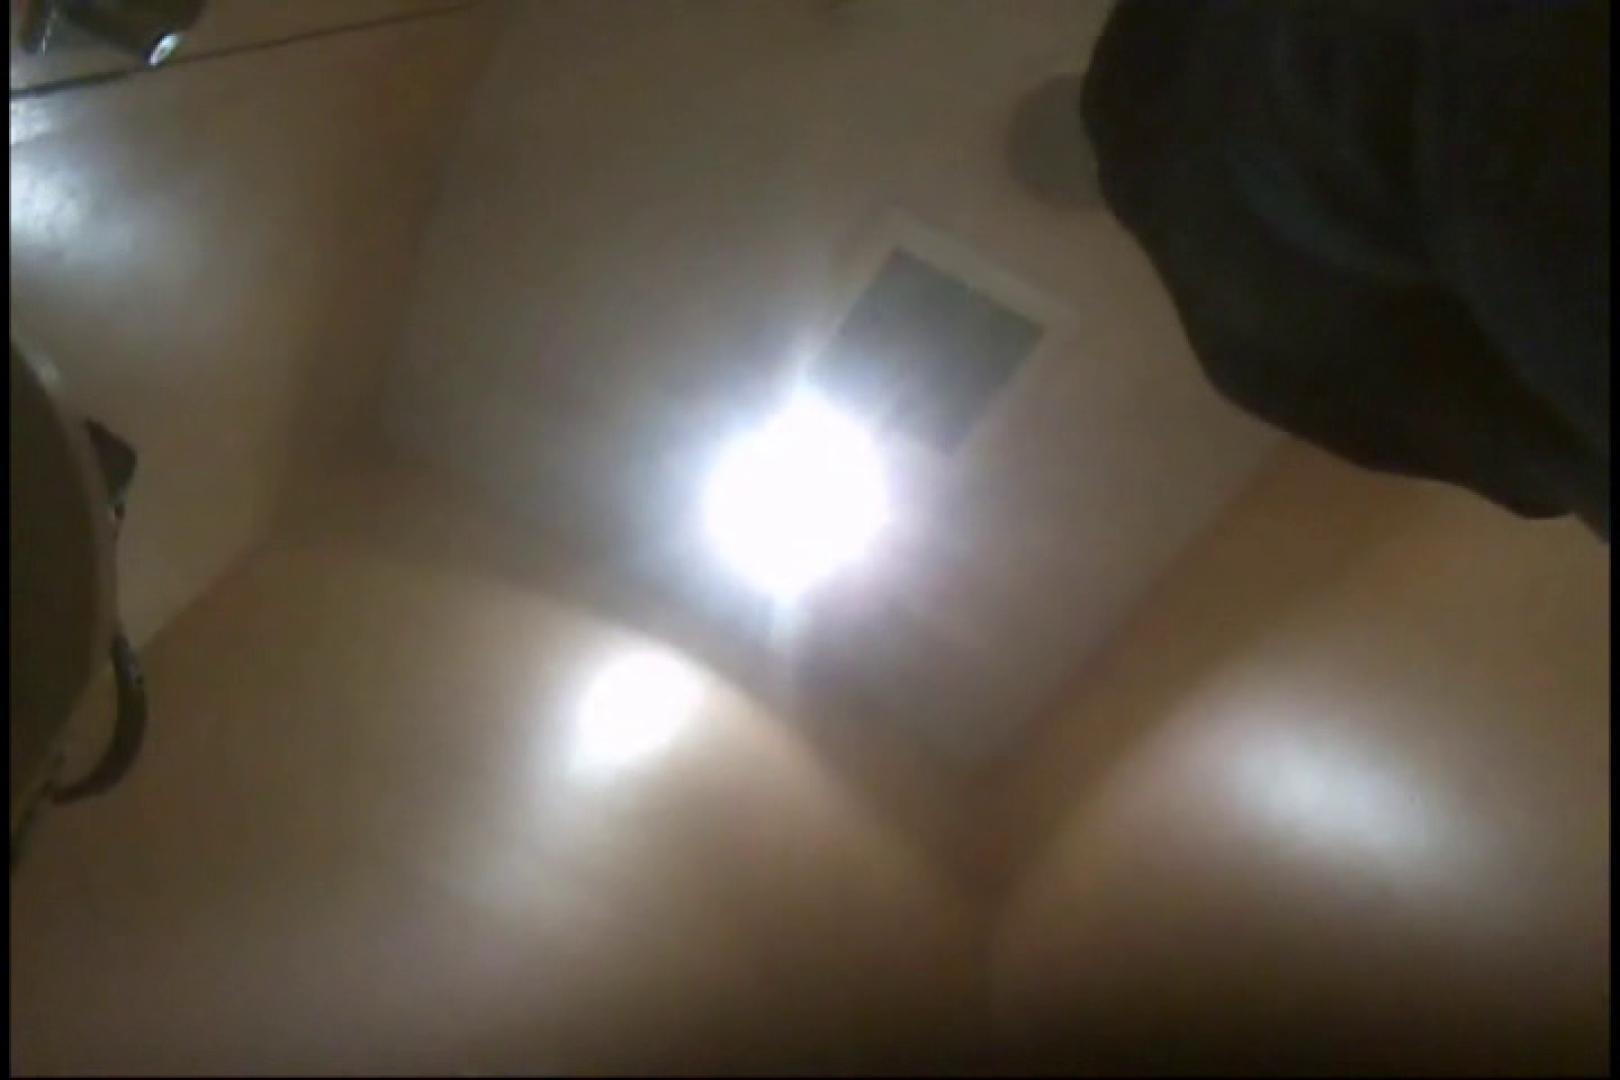 画質向上!新亀さん厠 vol.50 無修正オマンコ オメコ動画キャプチャ 66画像 21